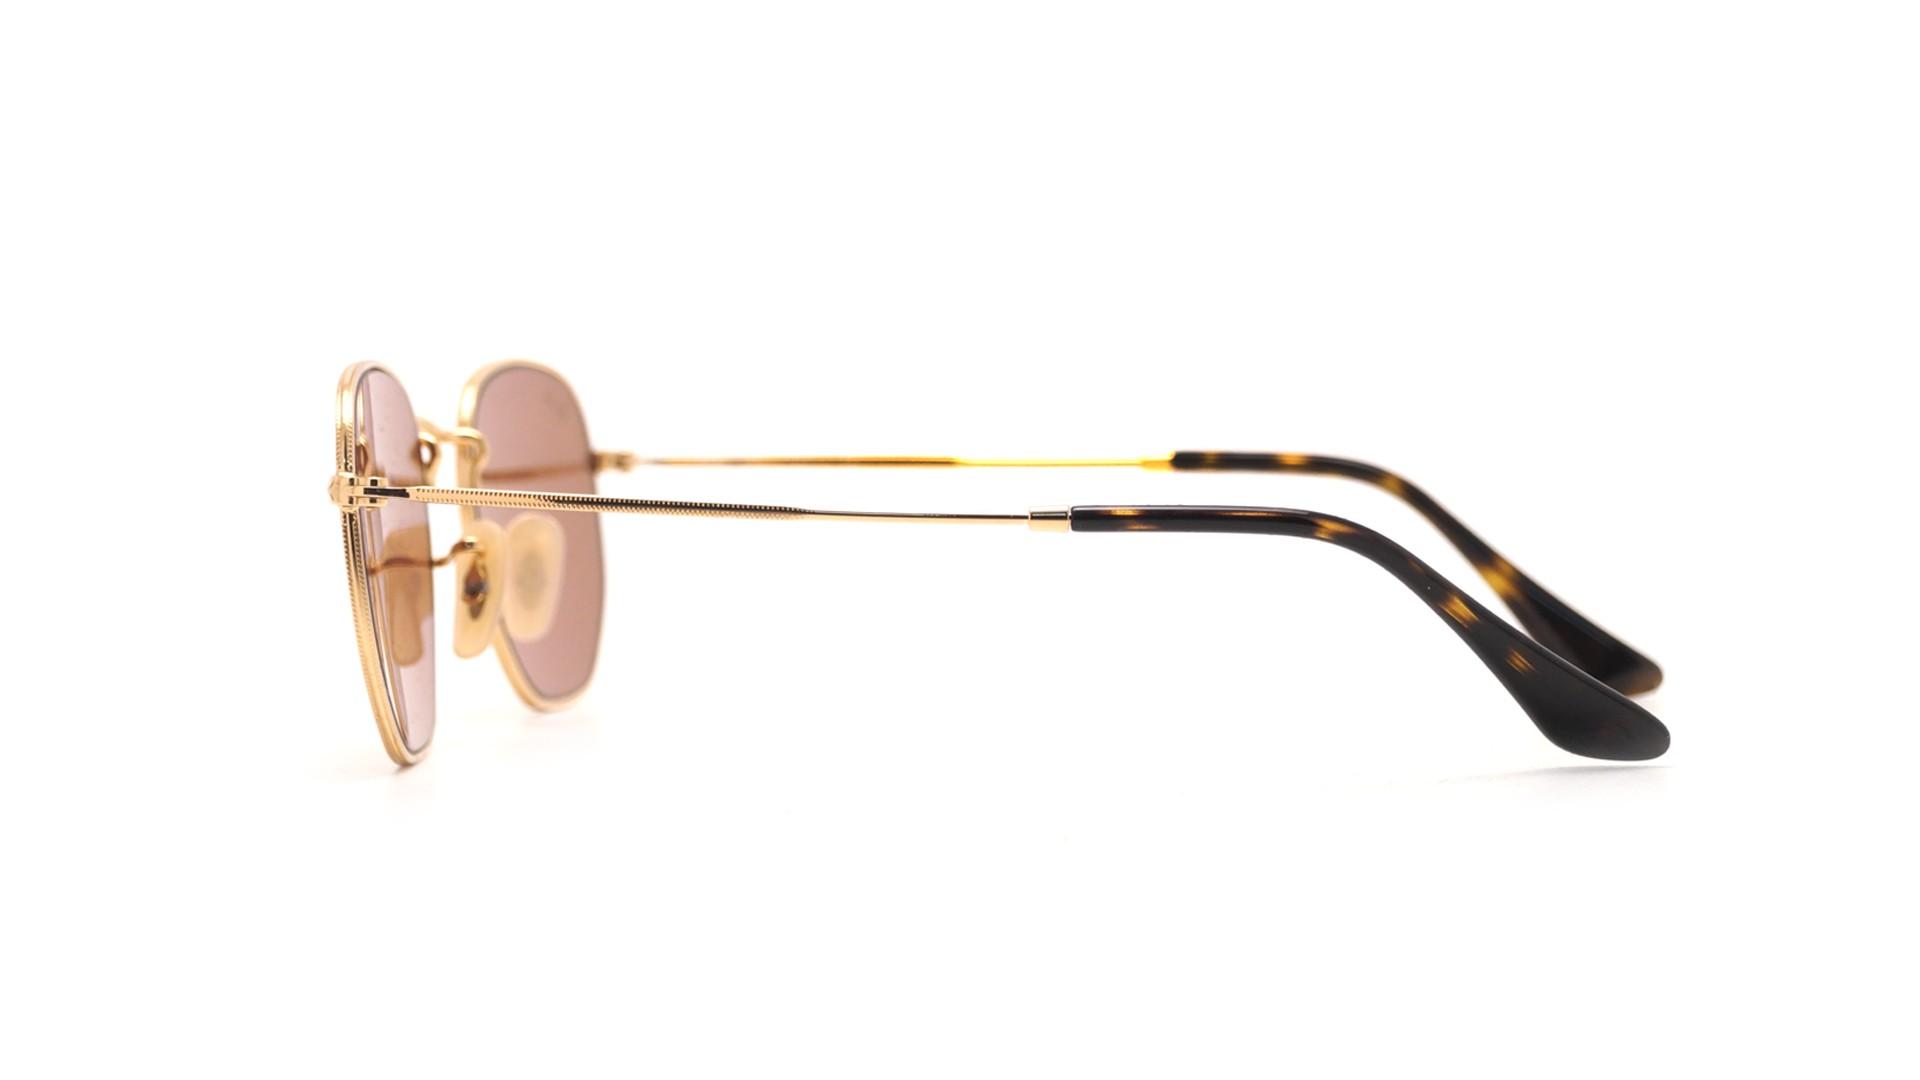 Tag Ray Ban Ray Ban Hex Flat Lense Sunglasses — waldon.protese-de ... 19863fb3186b